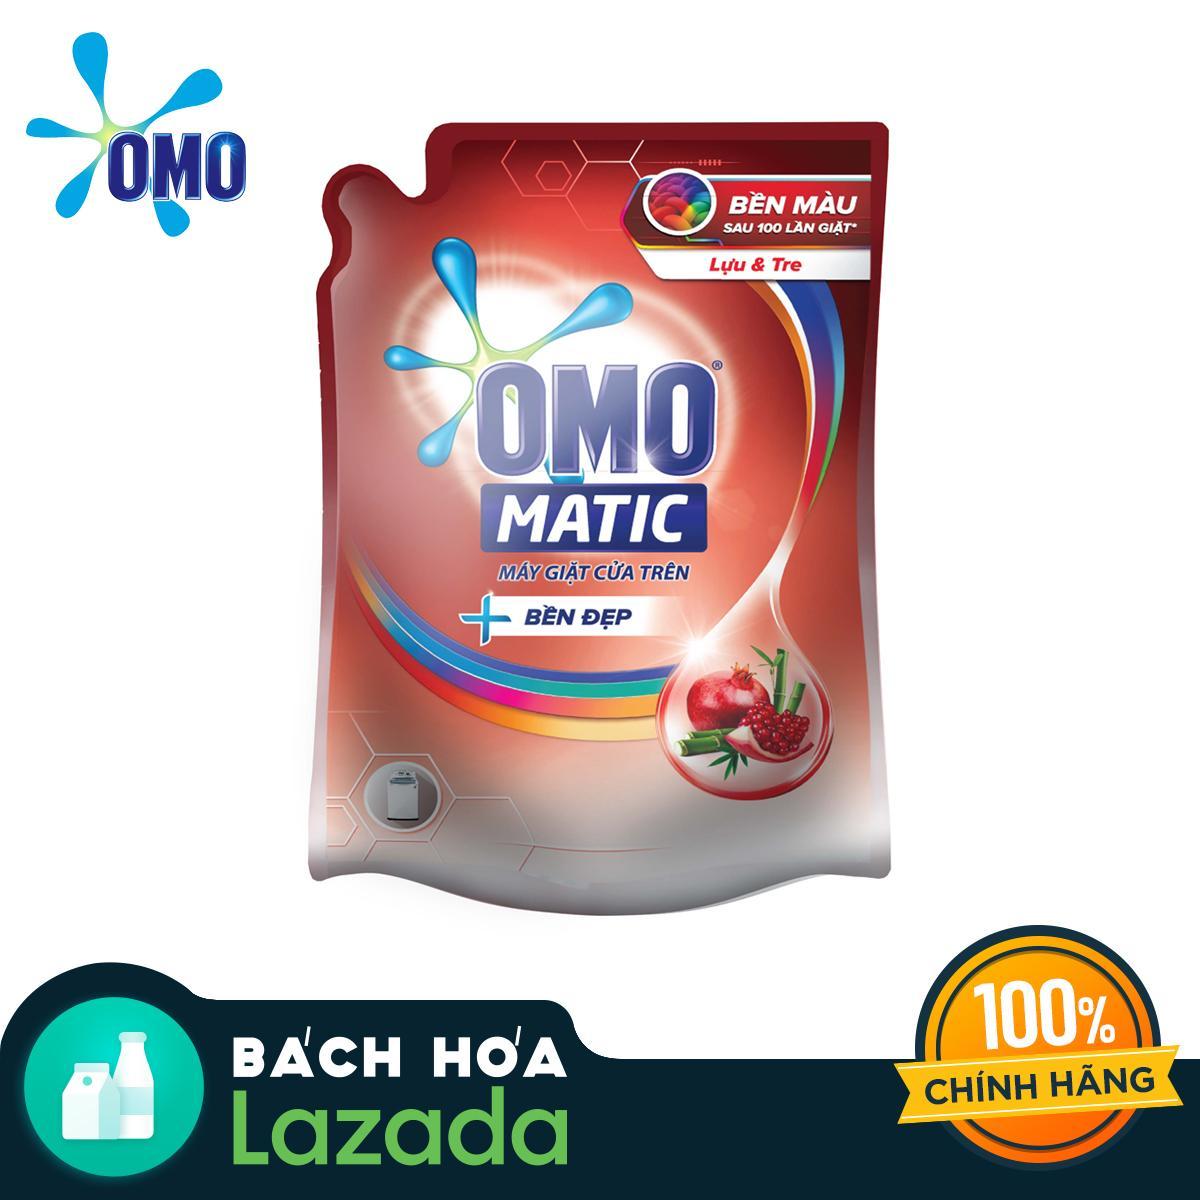 Túi Nước giặt OMO Matic Bền Đẹp Cửa Trên Hương Lựu và Tre 2.3kg